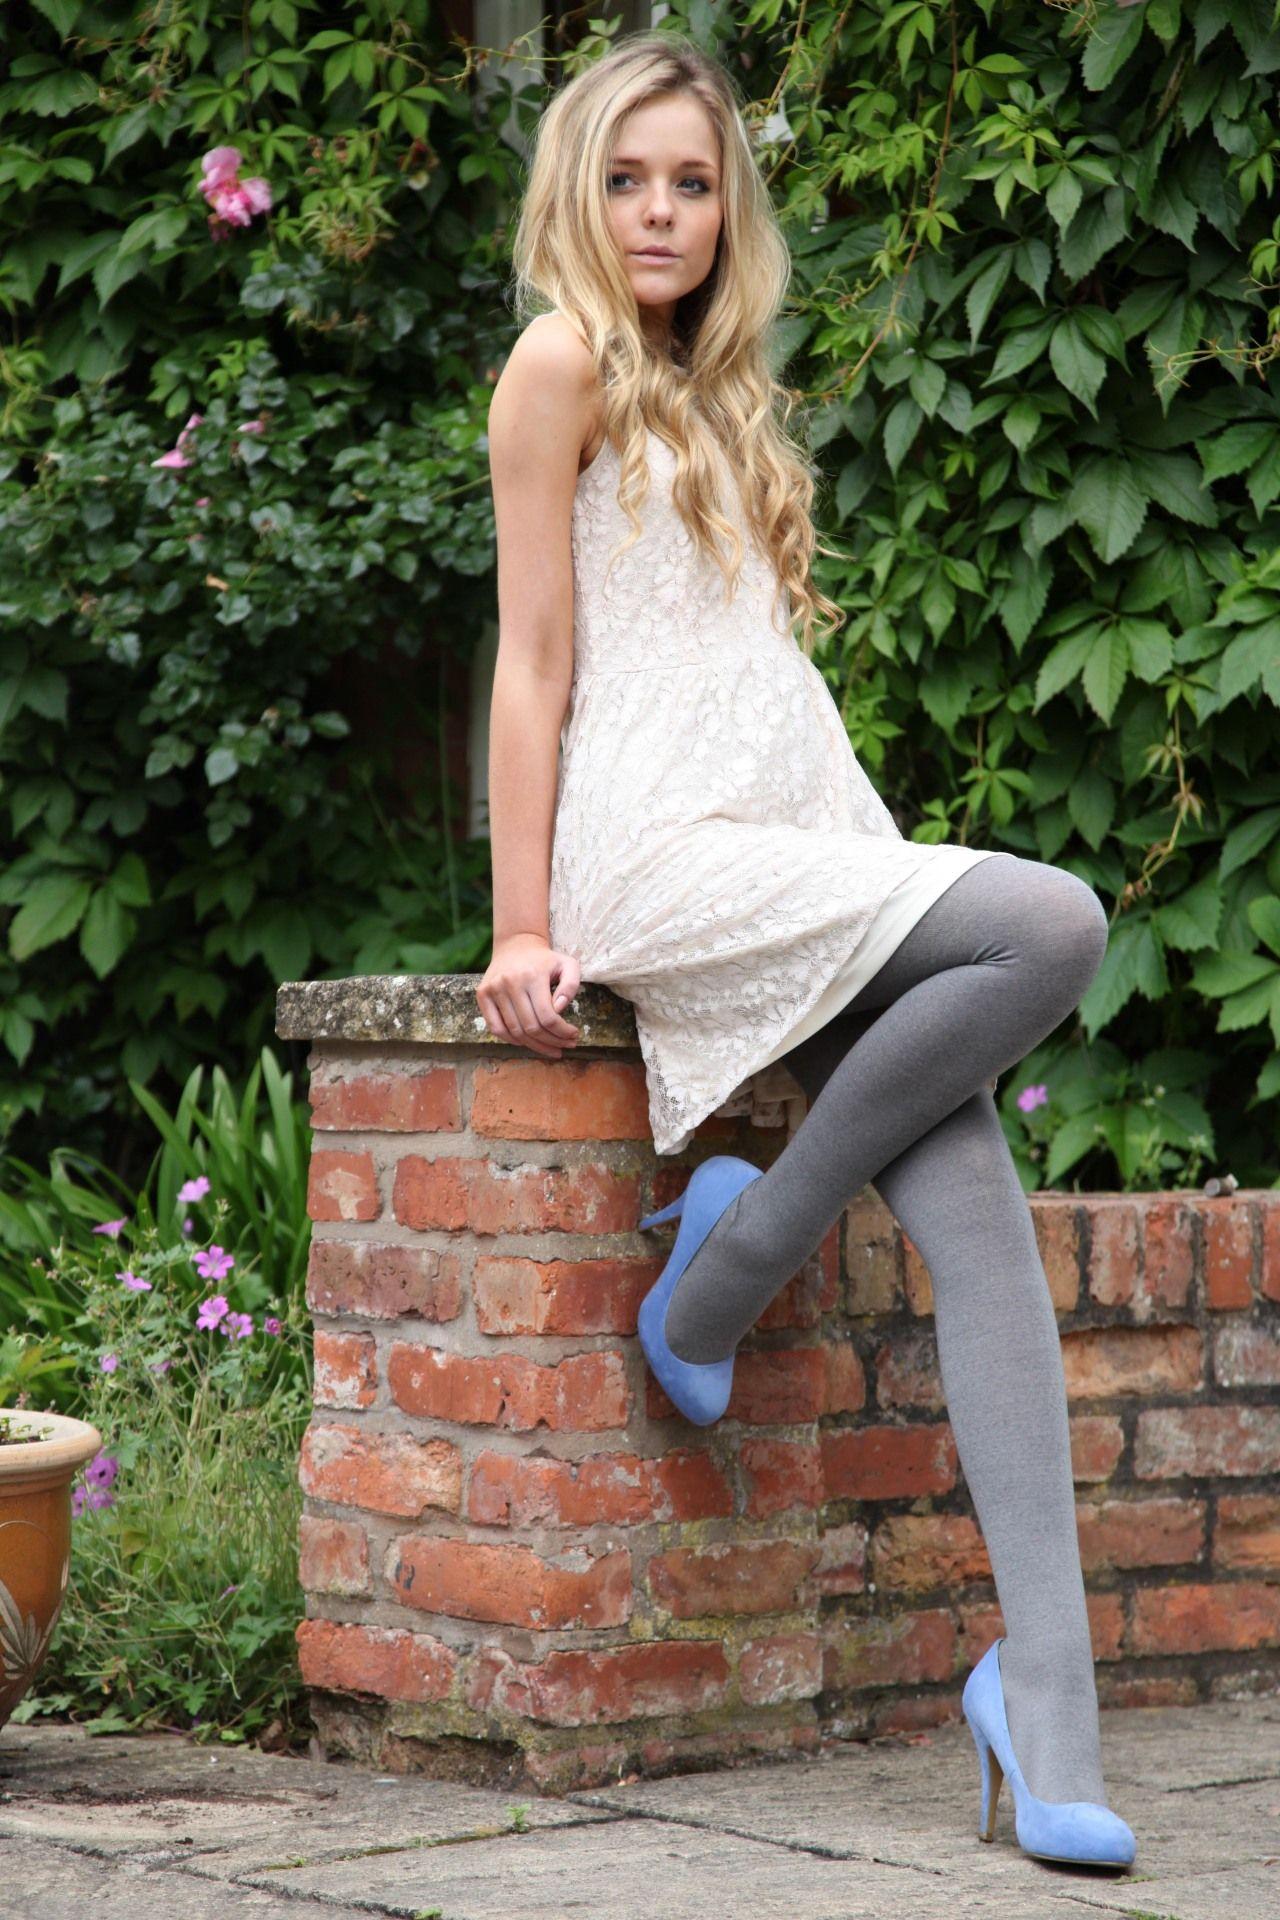 Pantyhose woman blue